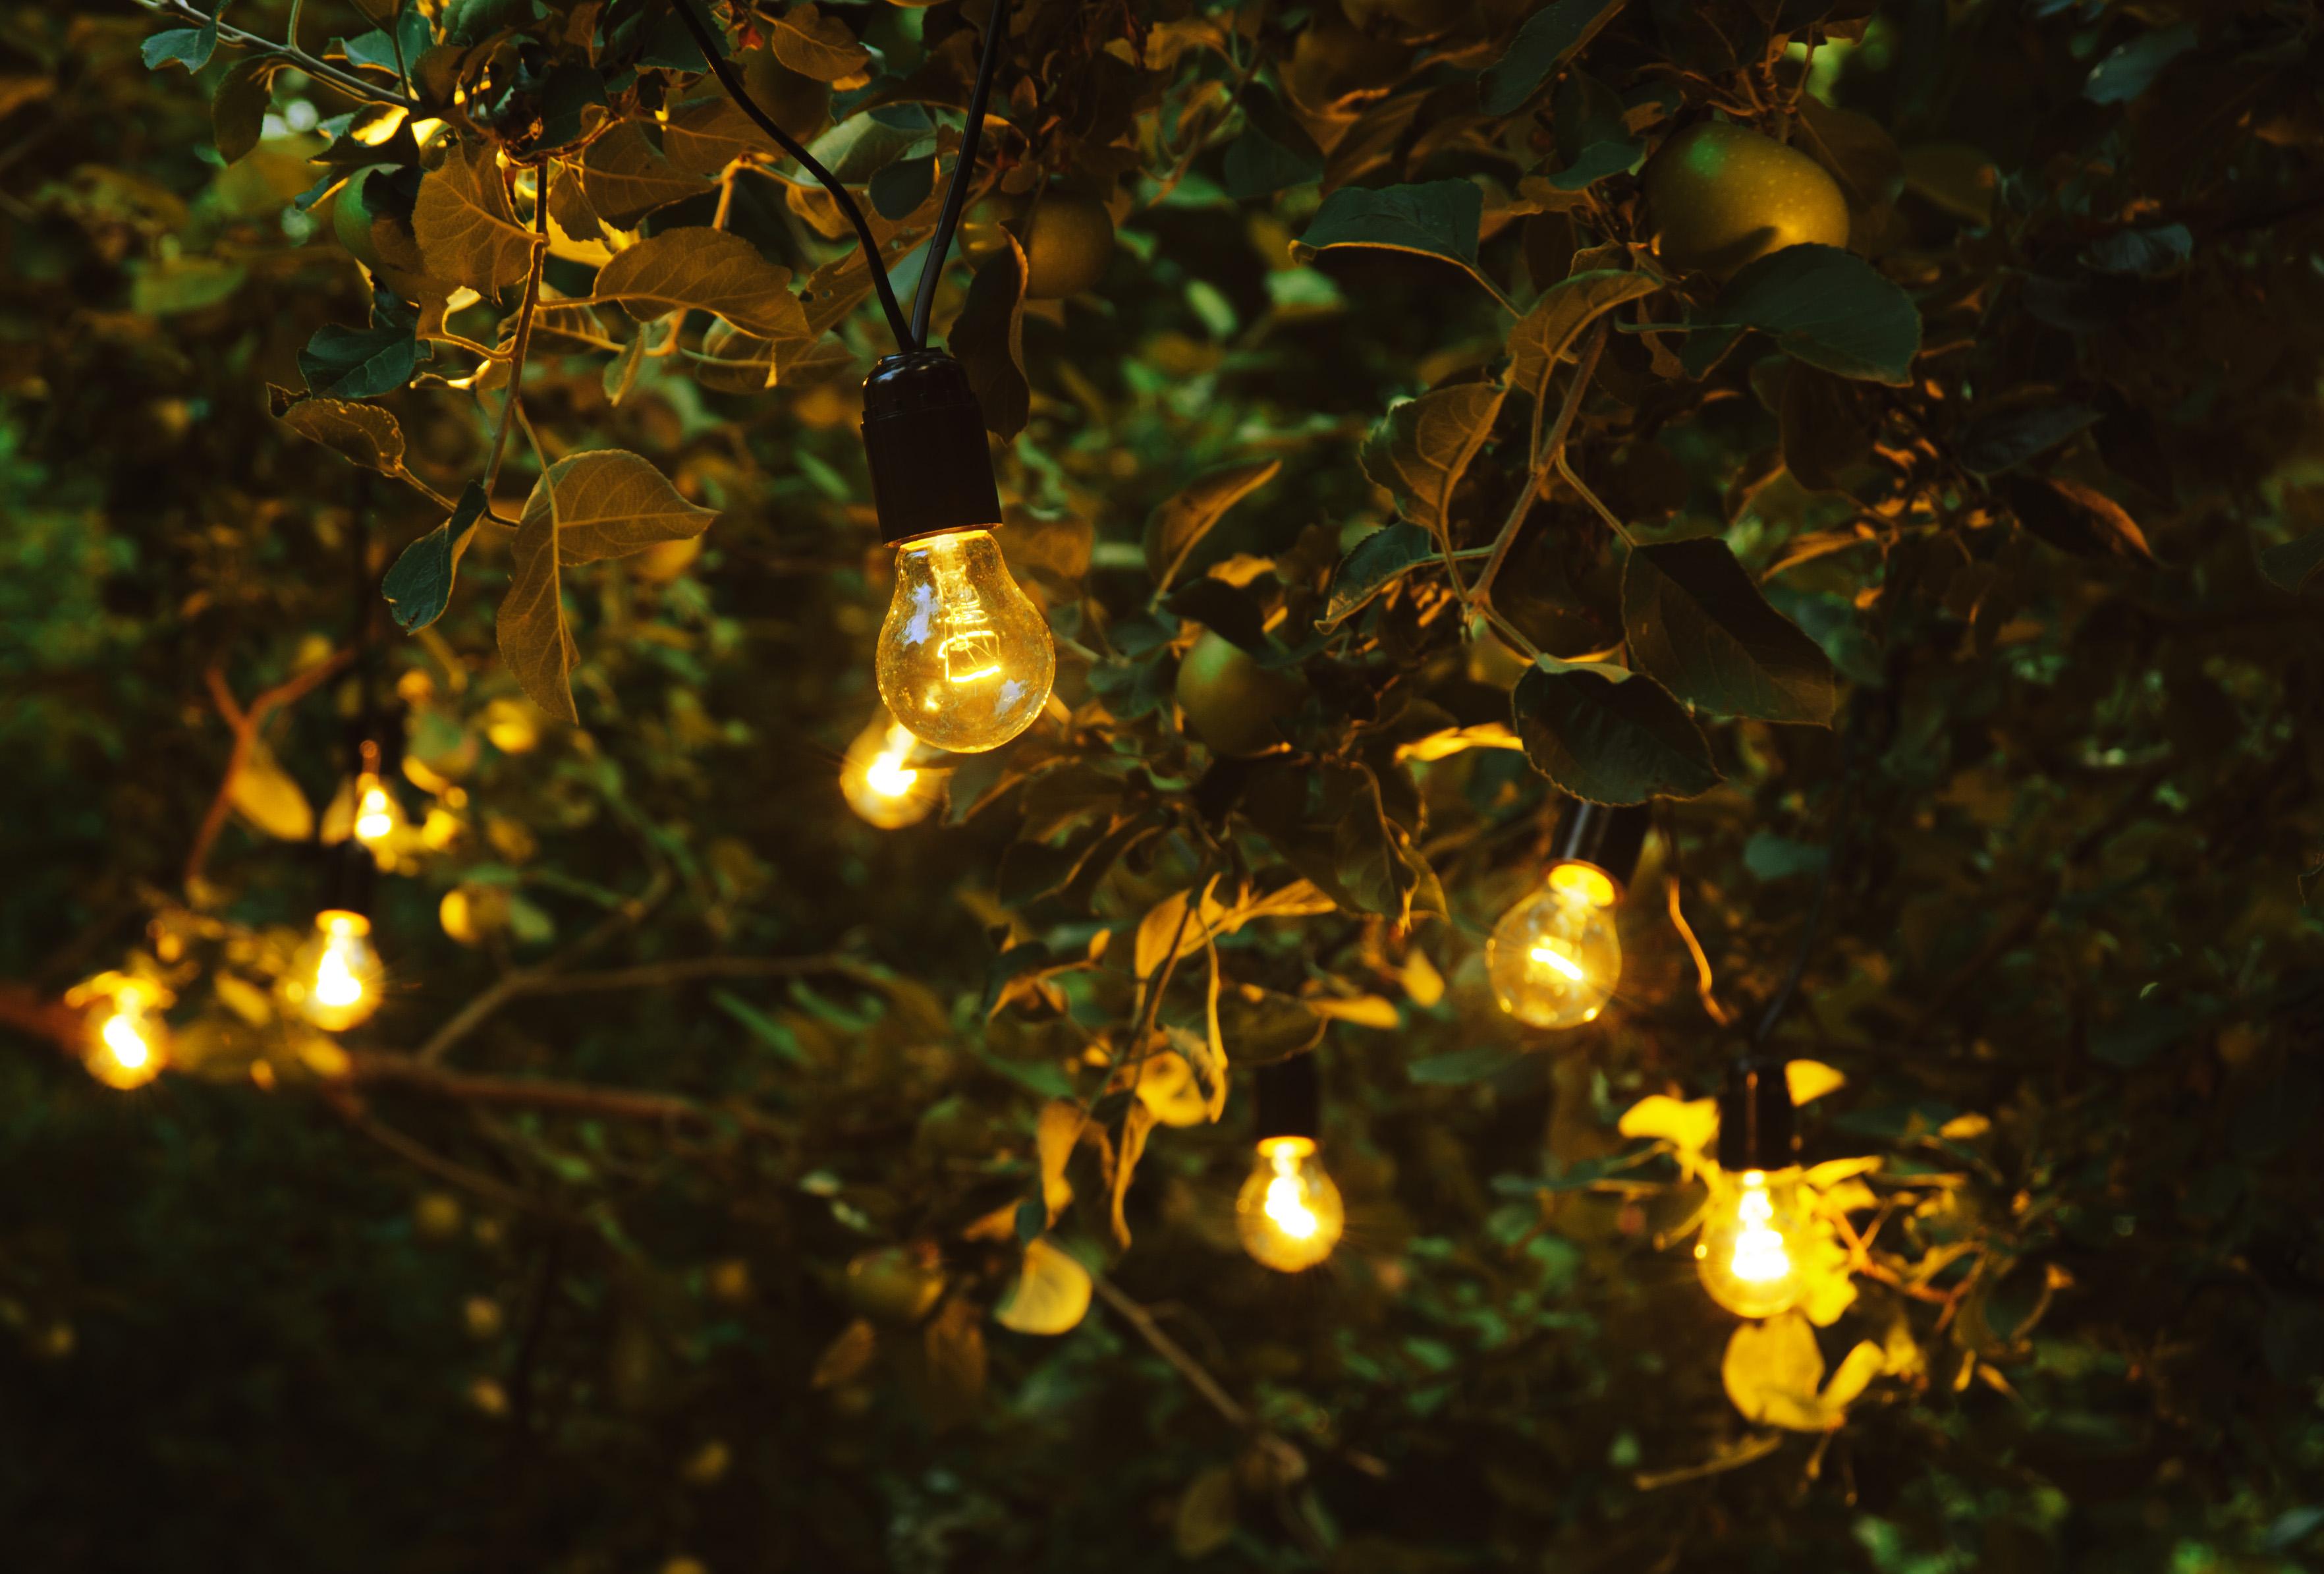 горит ретро гирлянда из лампочек накаливания